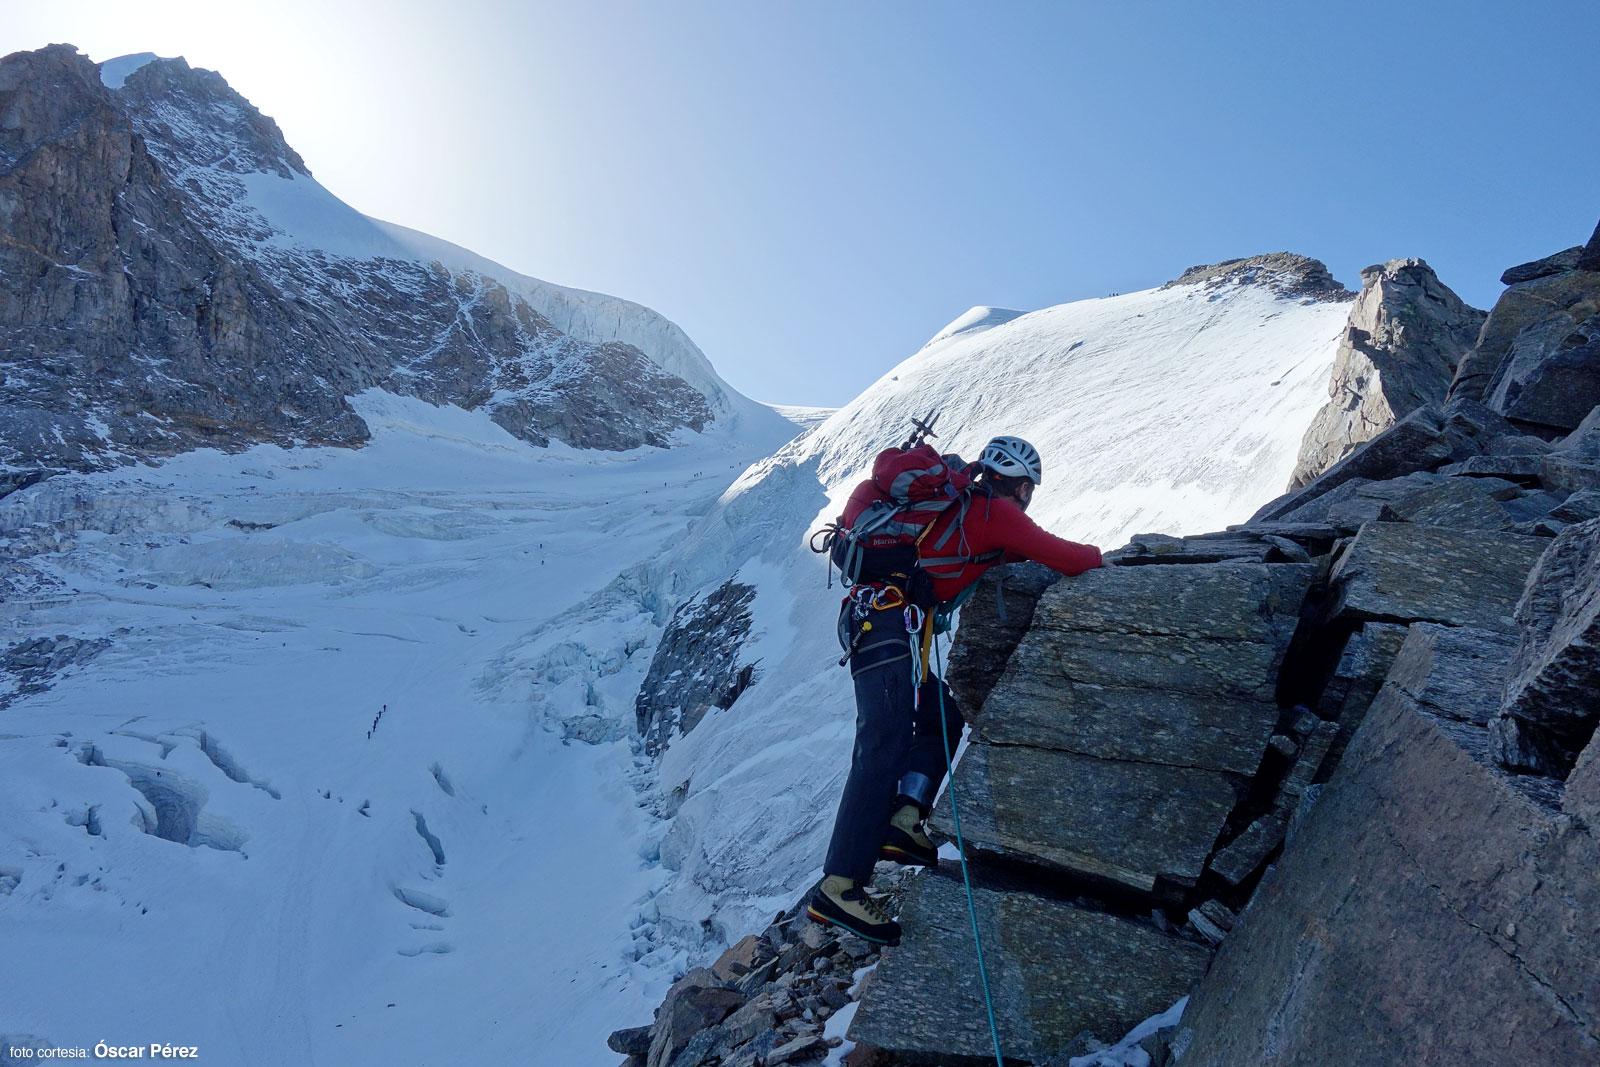 Óscar escalando en la arista del Gran Paradiso